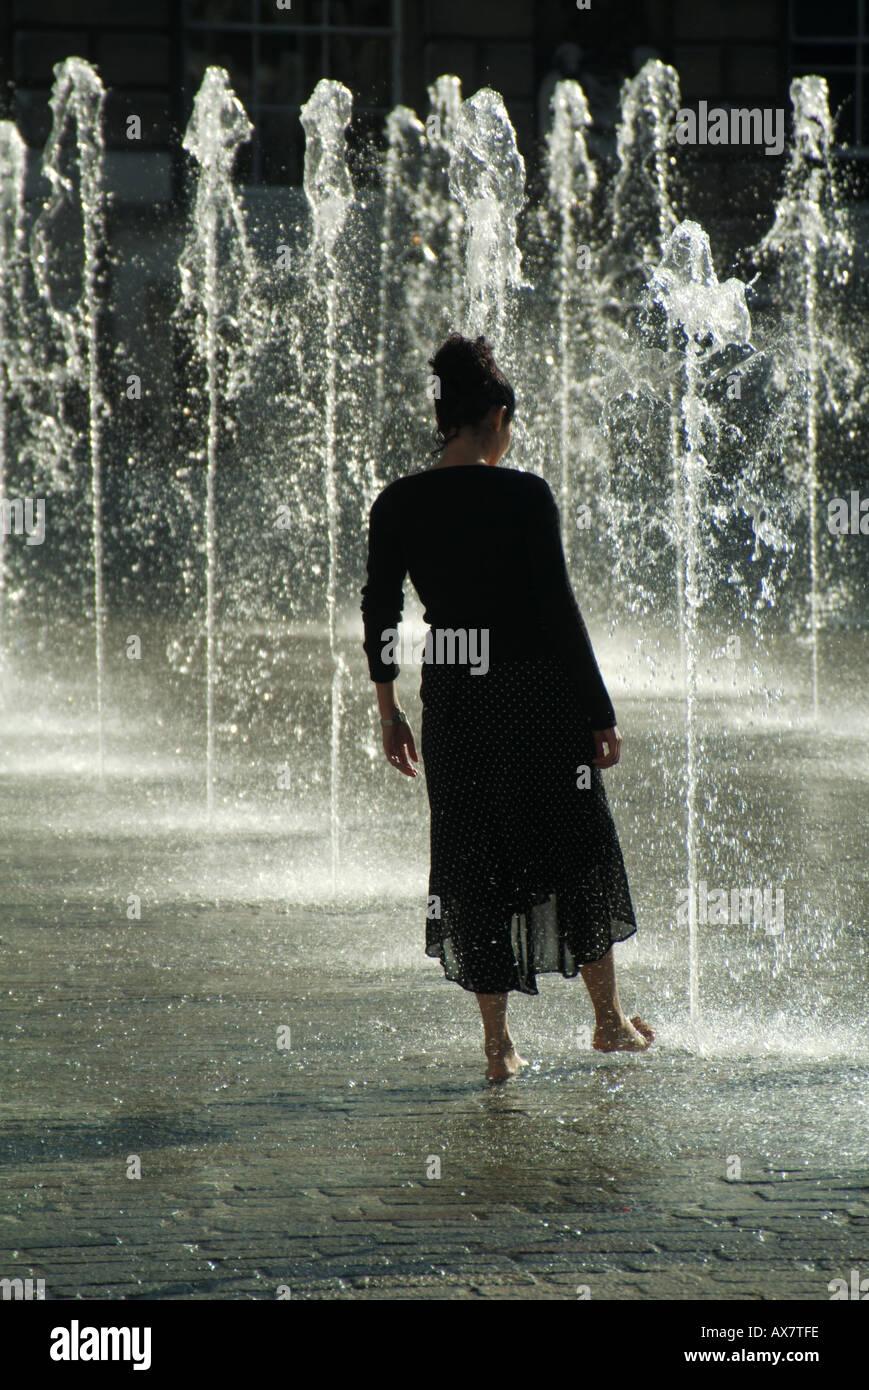 Fuente joven de enfriar el clima caliente del verano concepto probar el agua o inmersión en agua toe Londres England Reino Unido Imagen De Stock